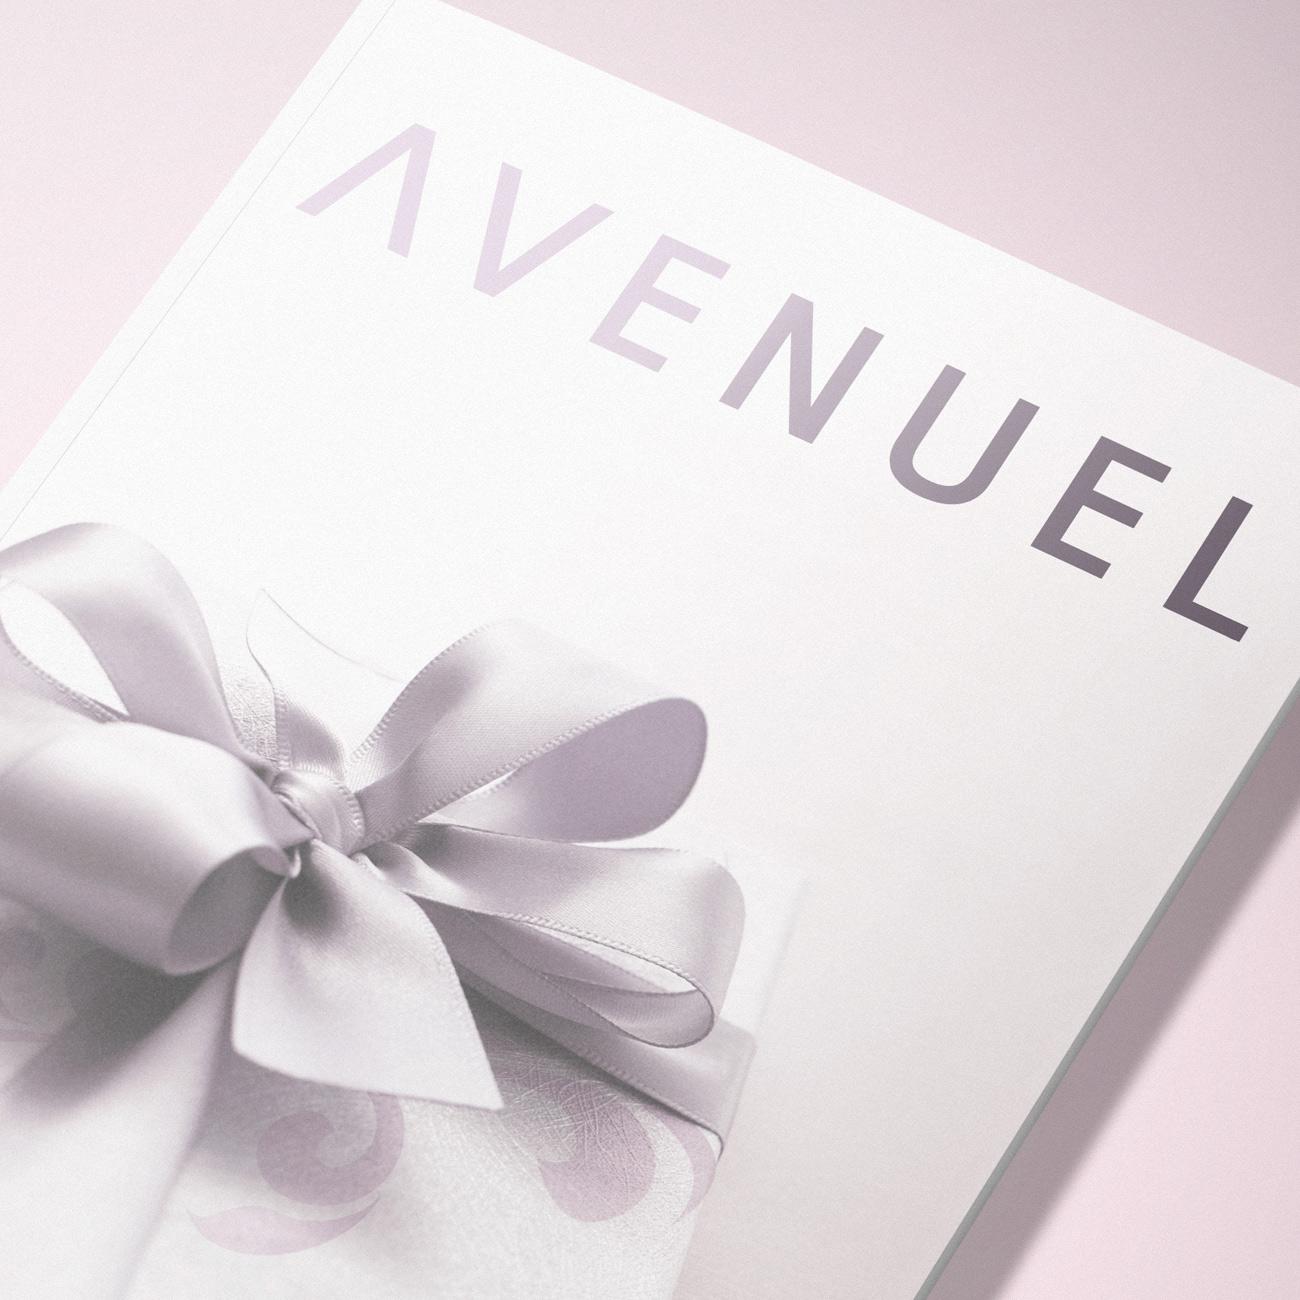 dankelab_avenuel_00